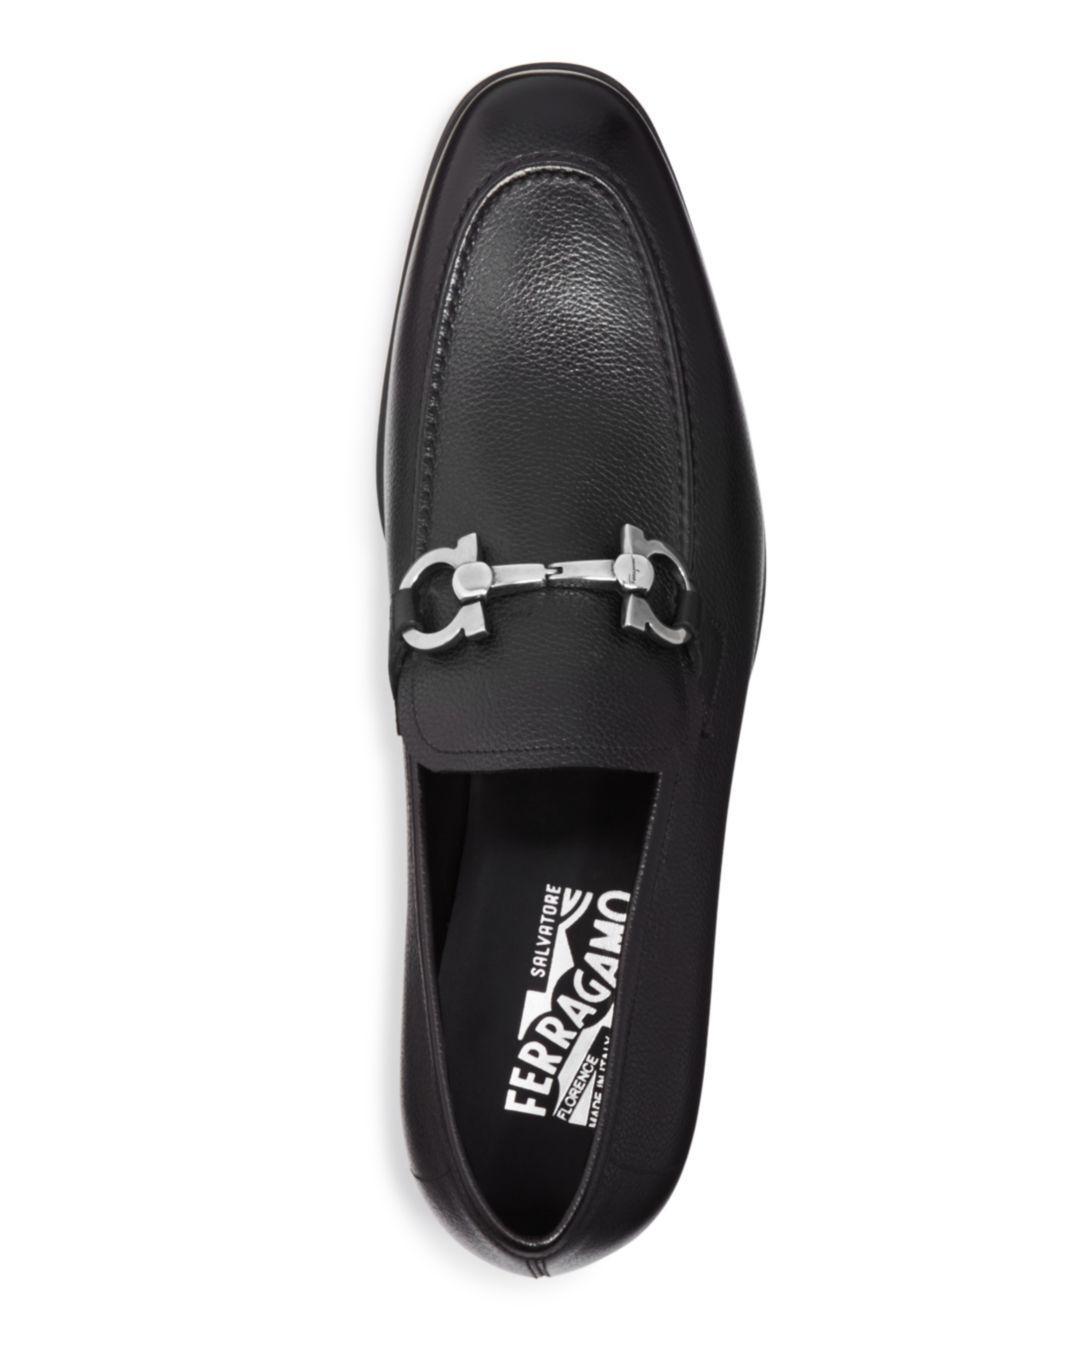 065232e3df2 Lyst - Ferragamo Flori 2 Loafers in Black for Men